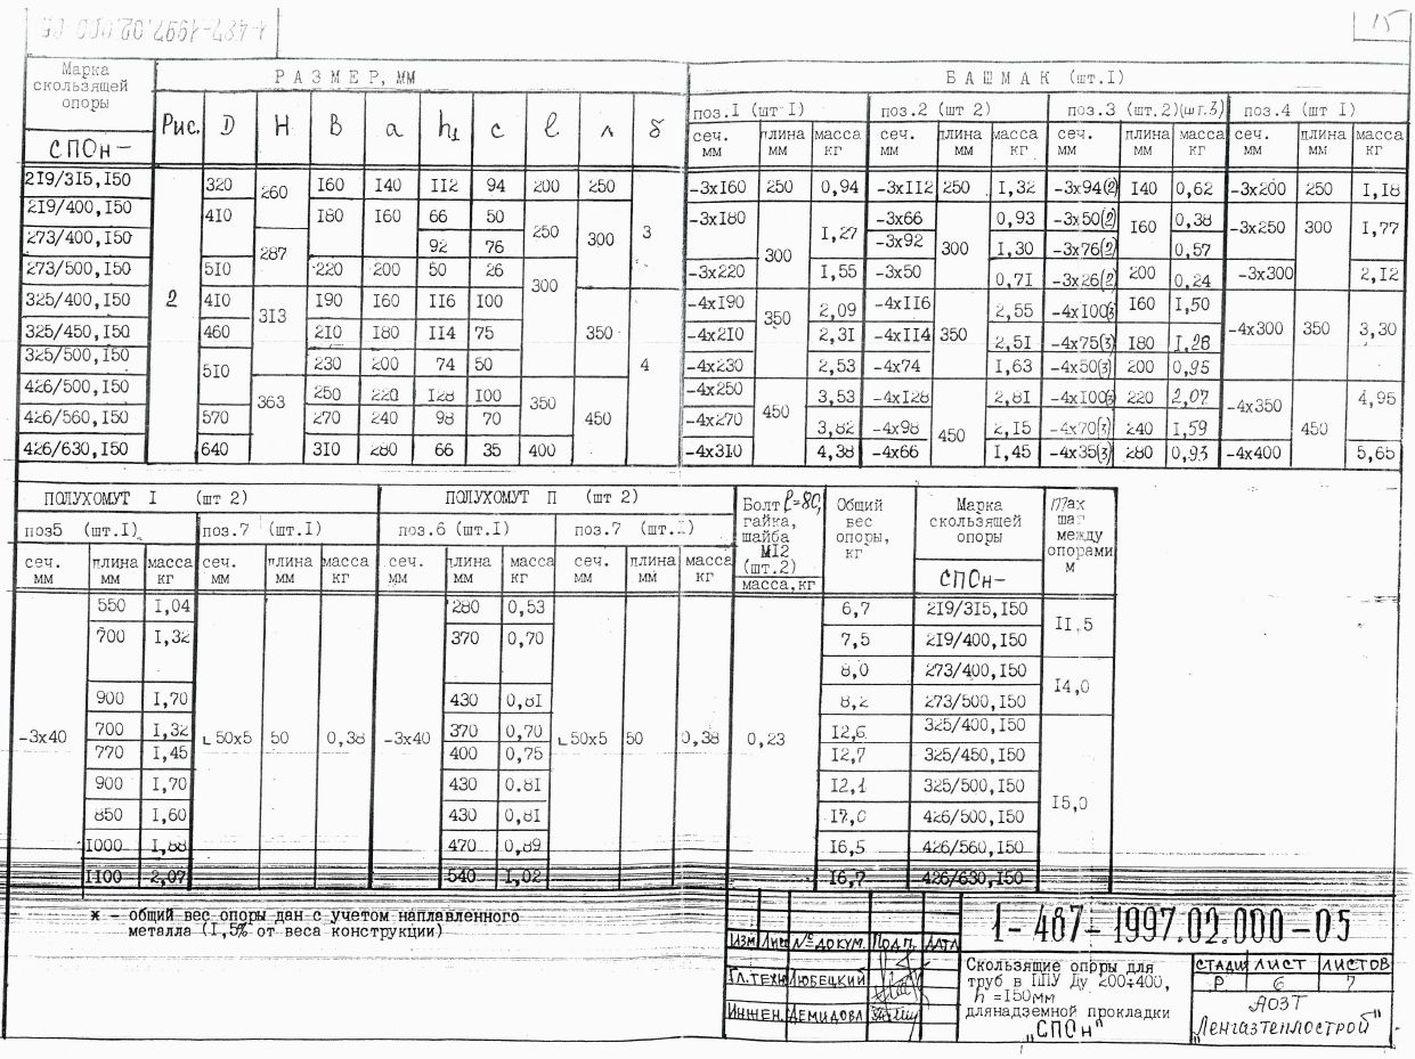 Опора СПОн ТД 1-487-1997.03.000-06 стр.3